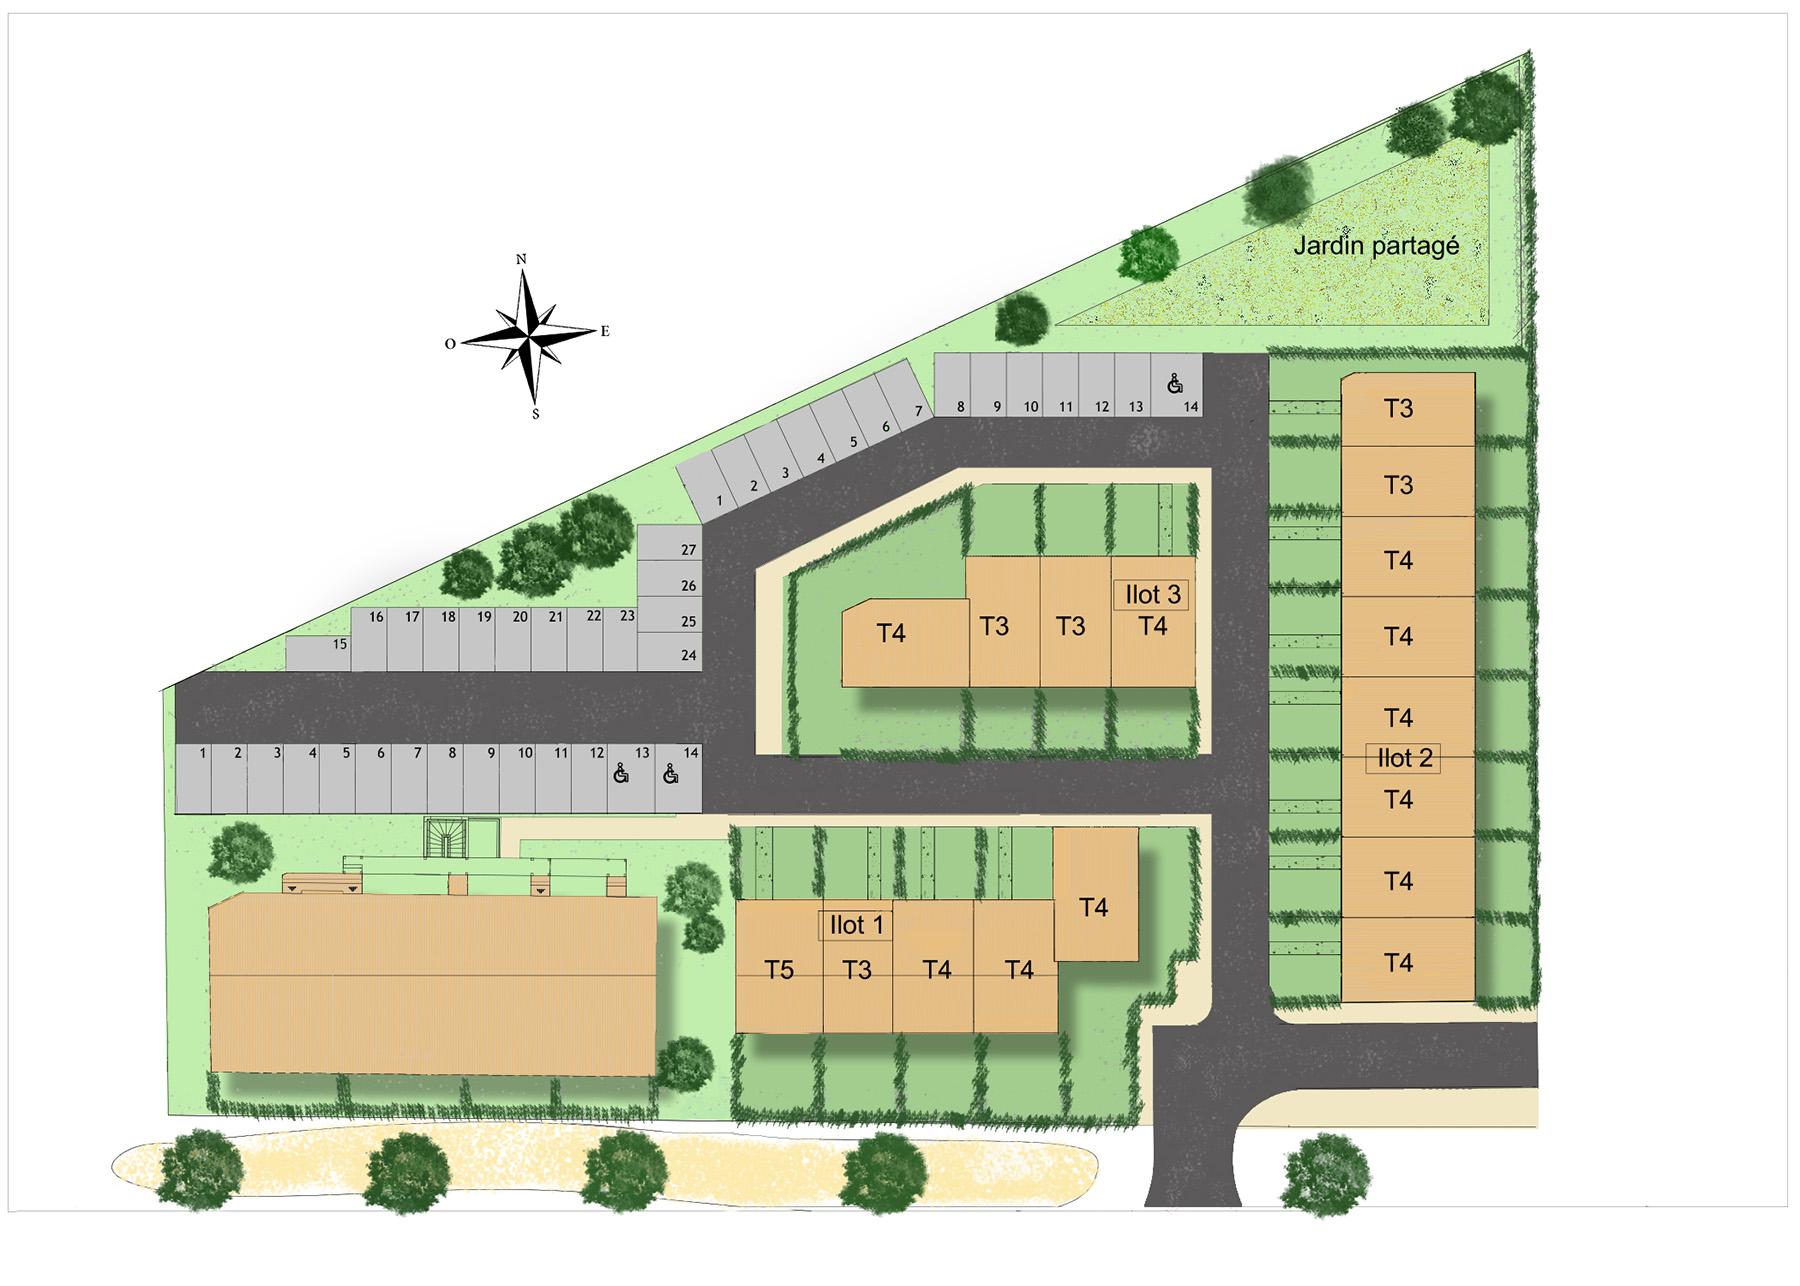 Maisons neuves, louviers, parking, jardin partagé